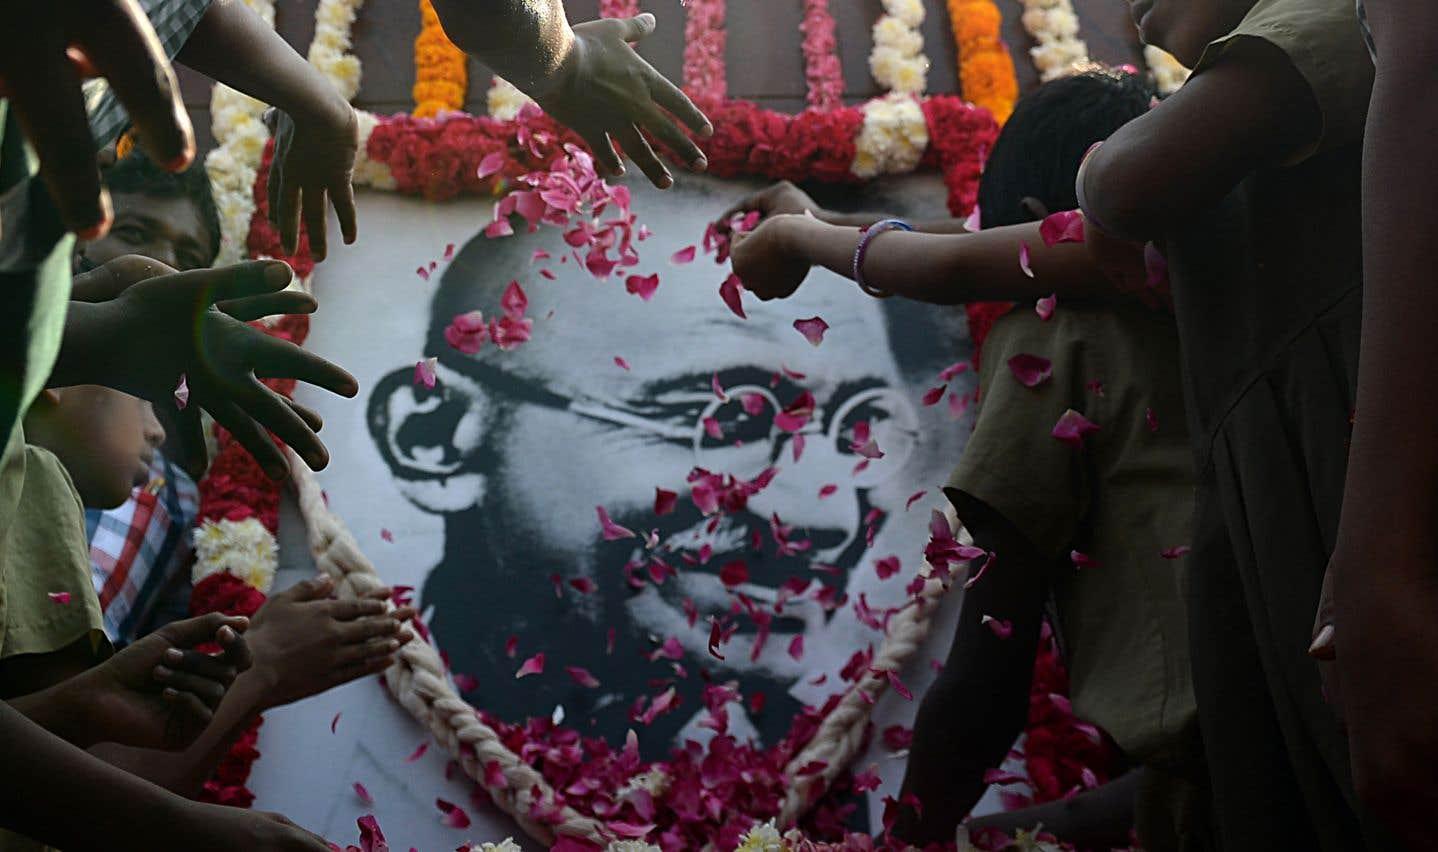 Véritable symbole de la résistance non violente, Gandhi était assassiné par un extrémiste hindou il y a maintenant 70 ans.